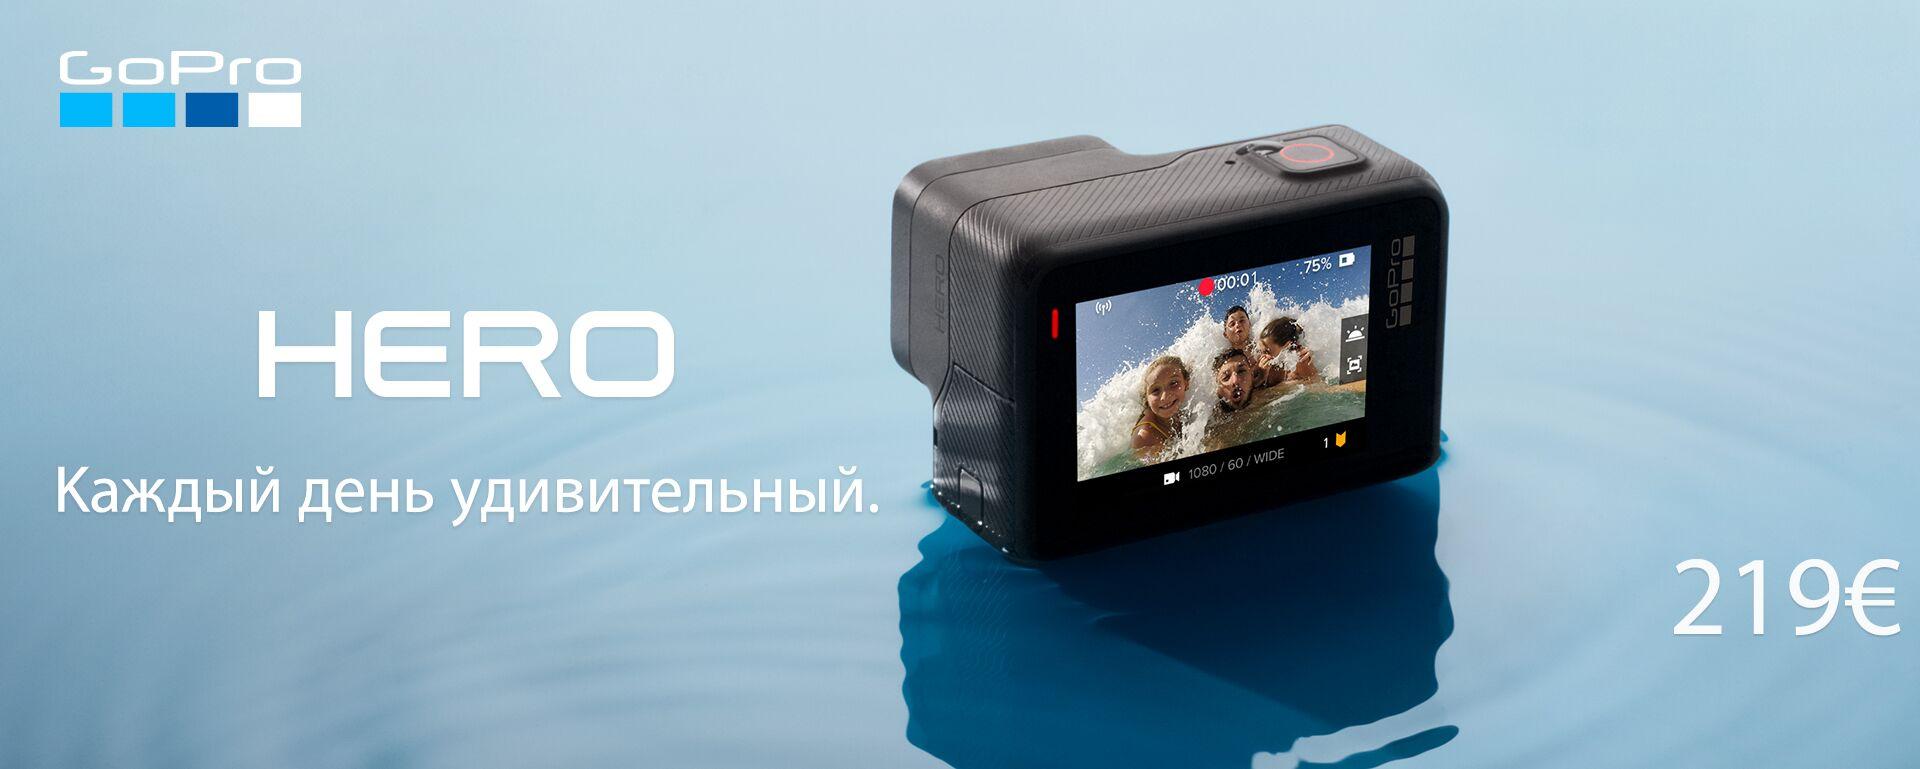 Теперь в наличии: Hero - самая дешевая экшн-камера с LCD экраном от GoPro